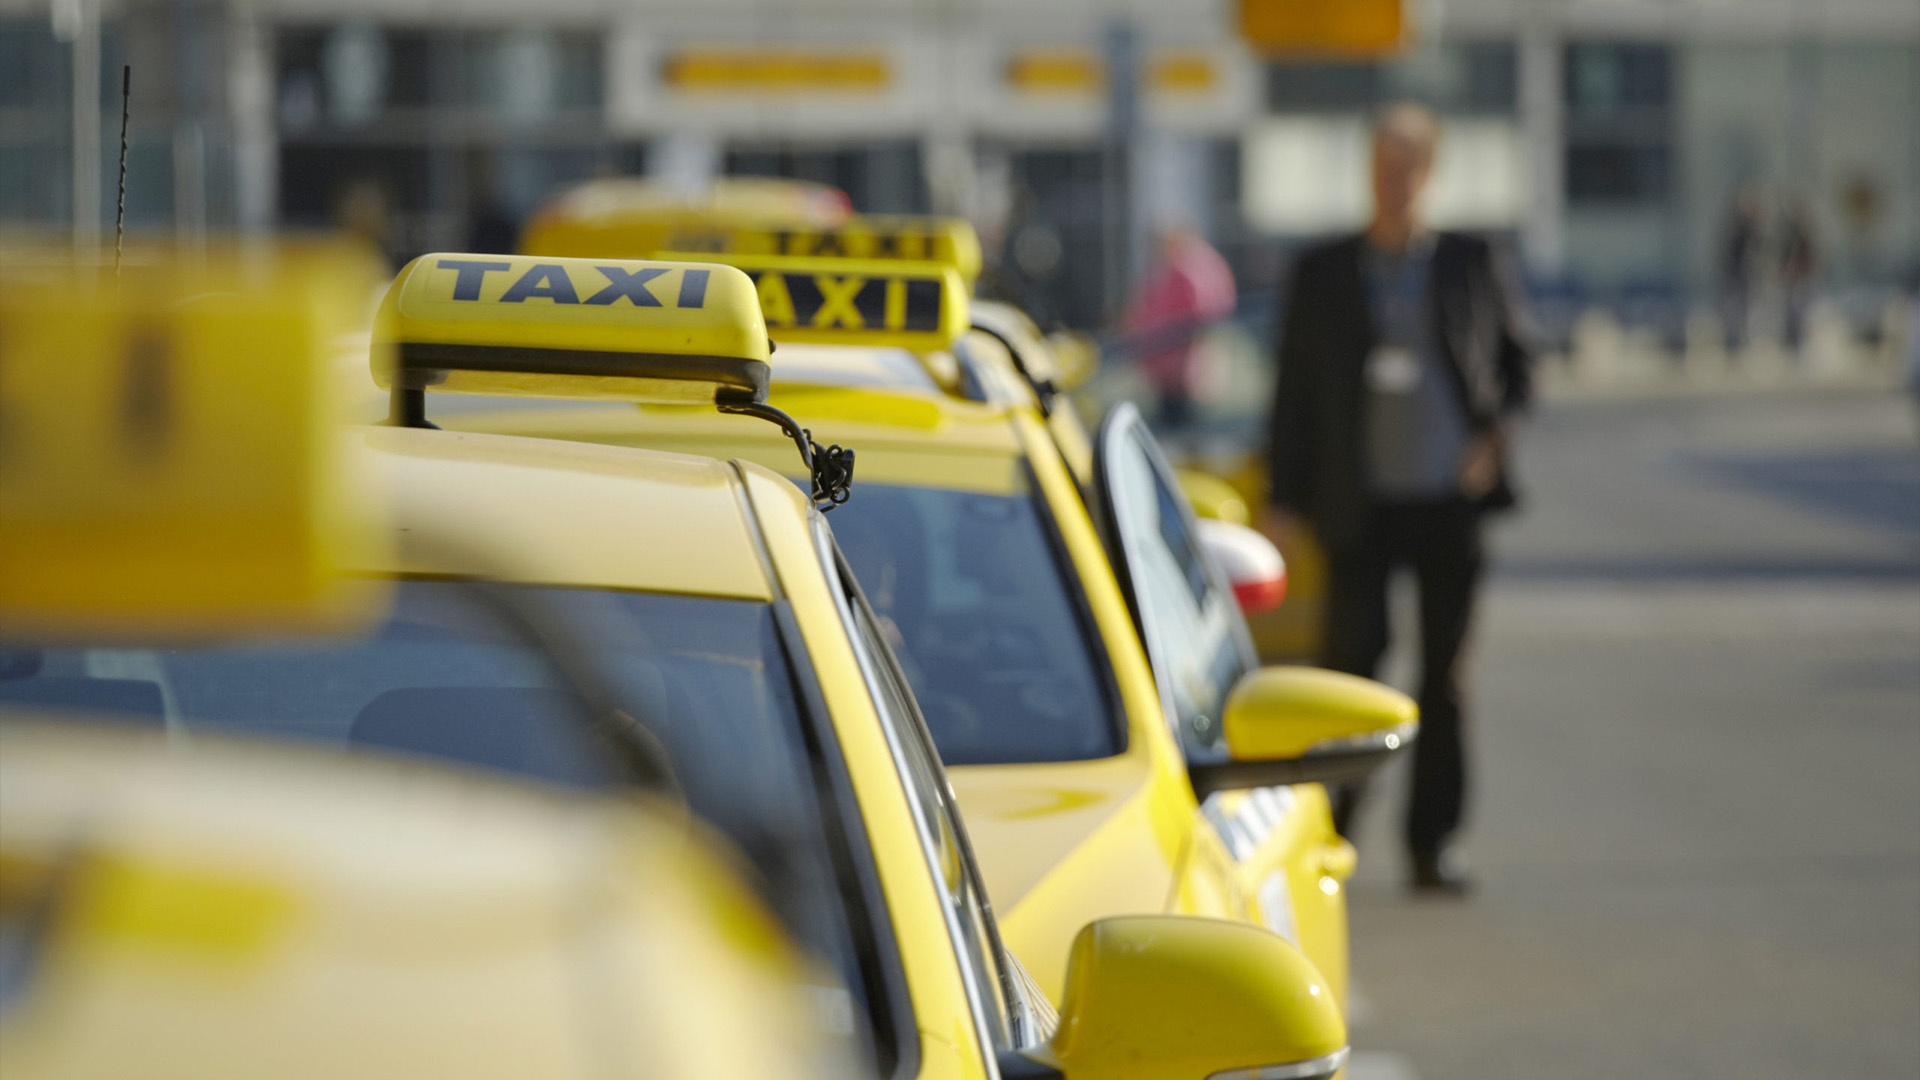 Один из ведущих банков проанализировал, когда россияне чаще всего заказывают такси